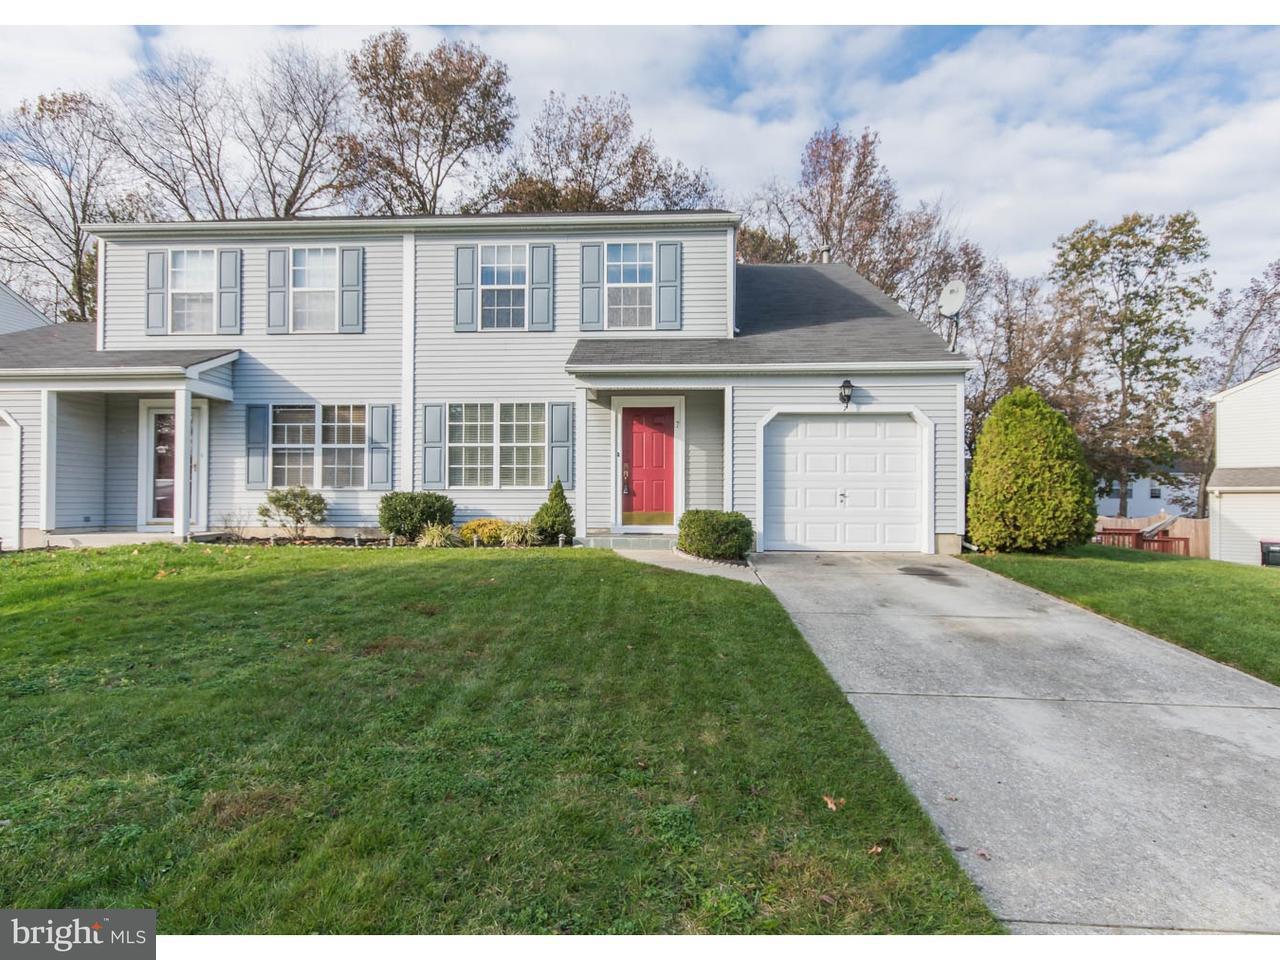 联栋屋 为 销售 在 7 WOODMILL Drive Clementon, 新泽西州 08021 美国